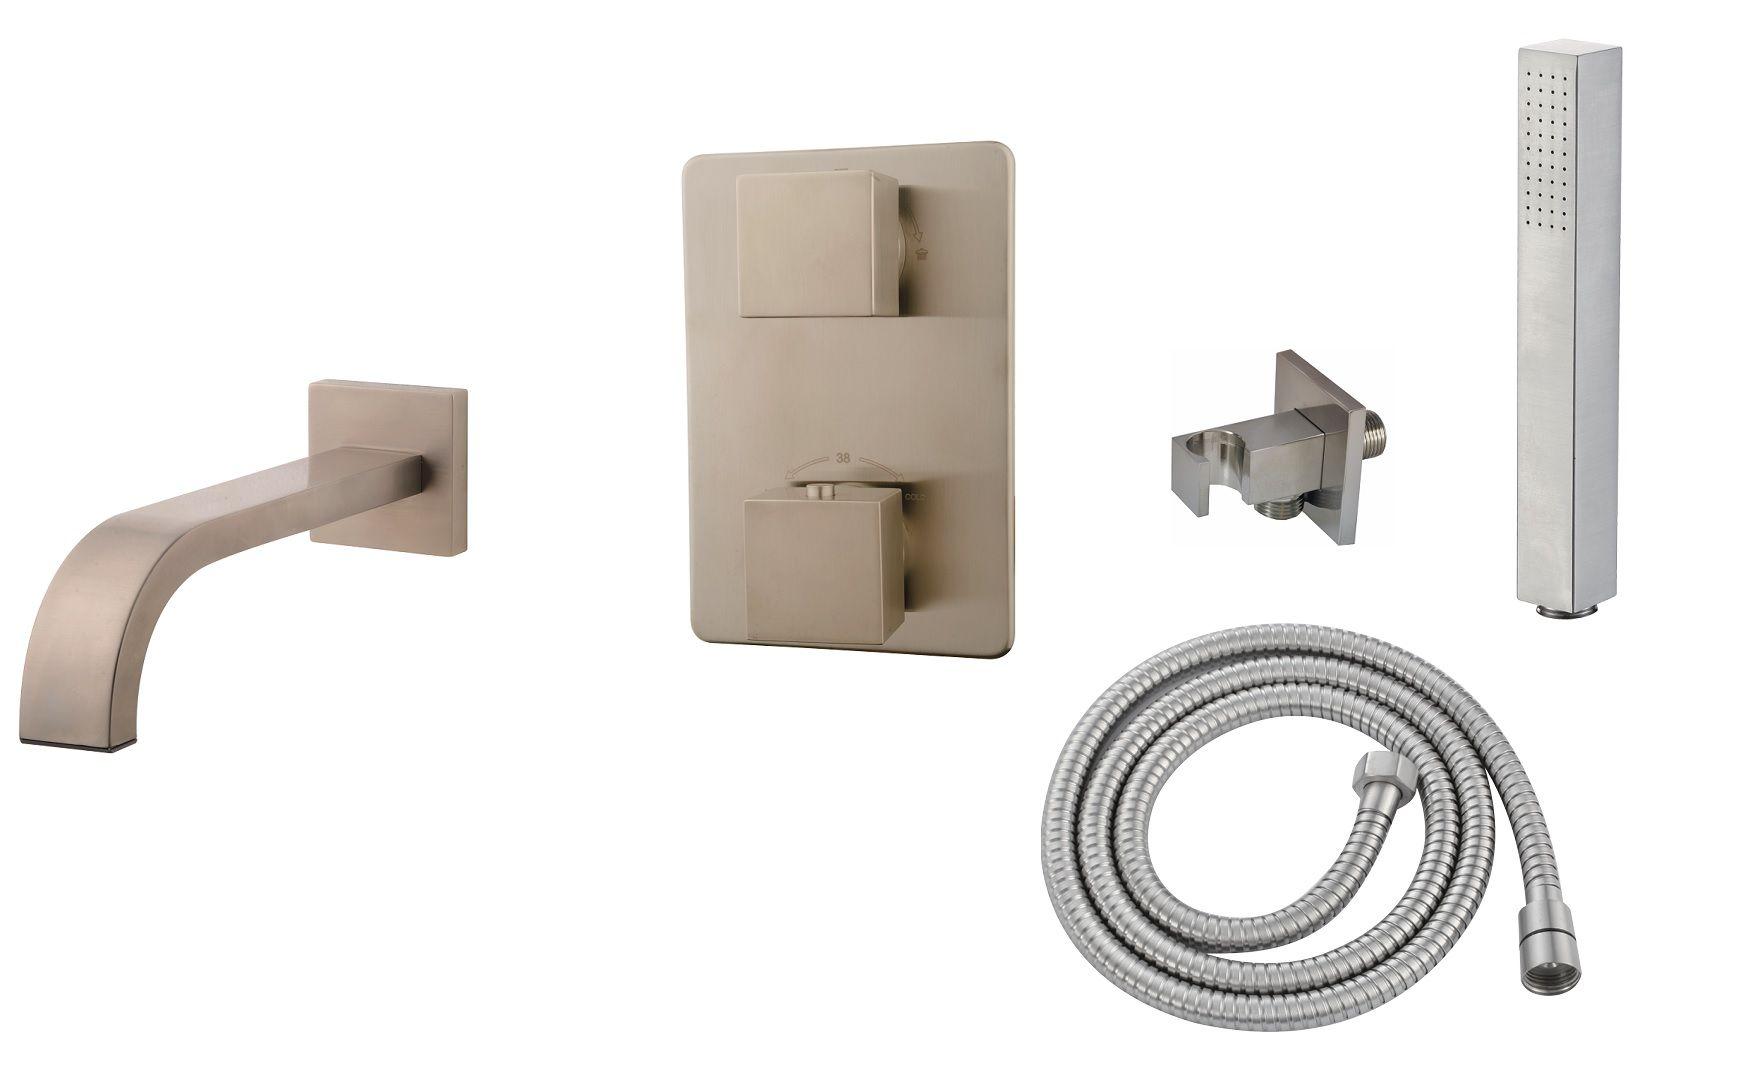 Mueller Cube RVS look inbouw badkraan compleet kopen doe je voordelig hier